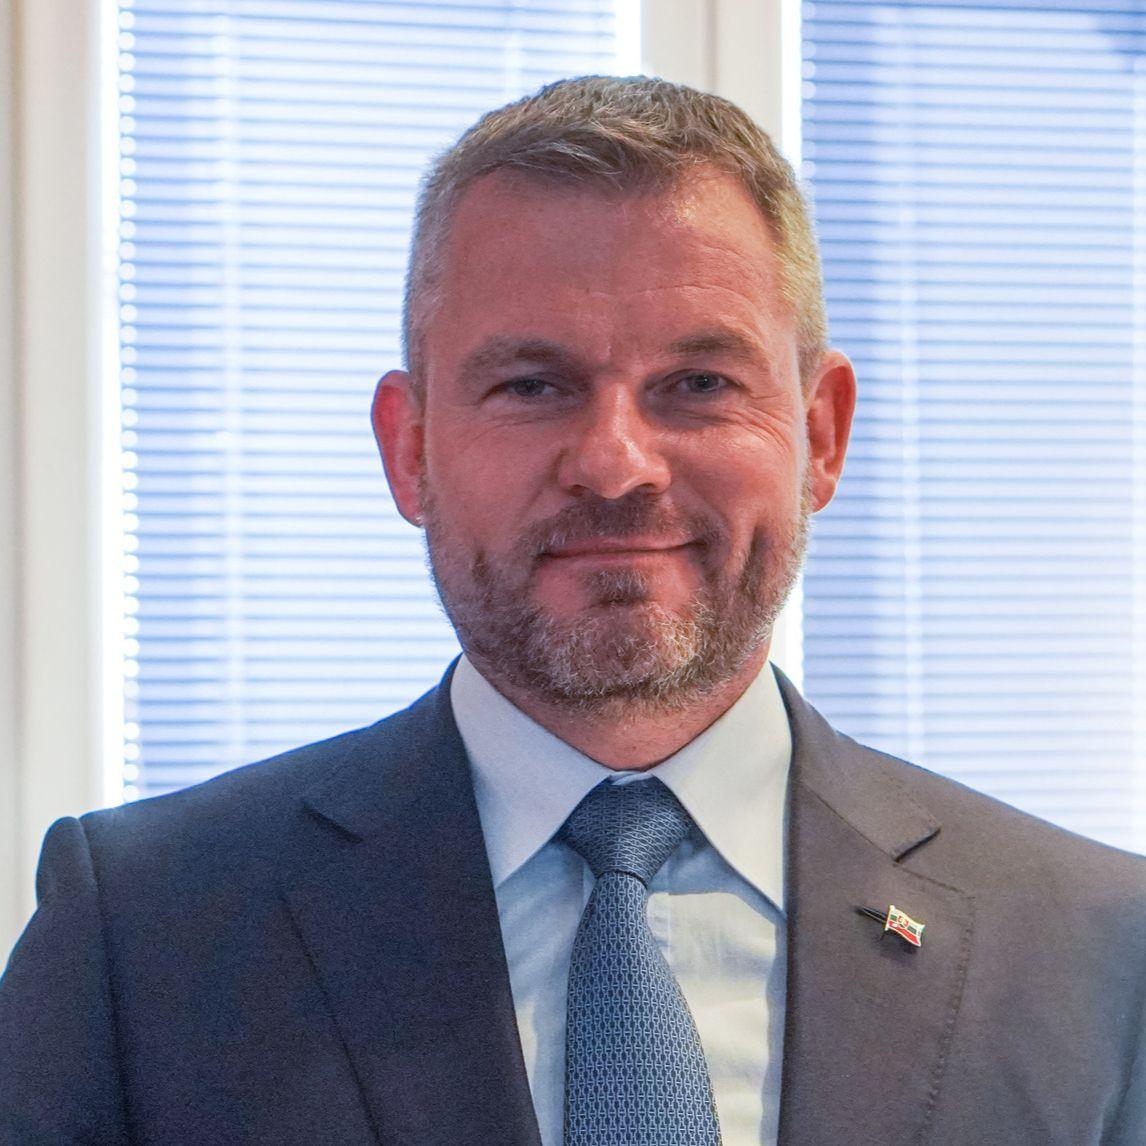 Peter Pellegrini - Hlas - SD podporí sťažnosť vo veci voľby generálneho prokurátora